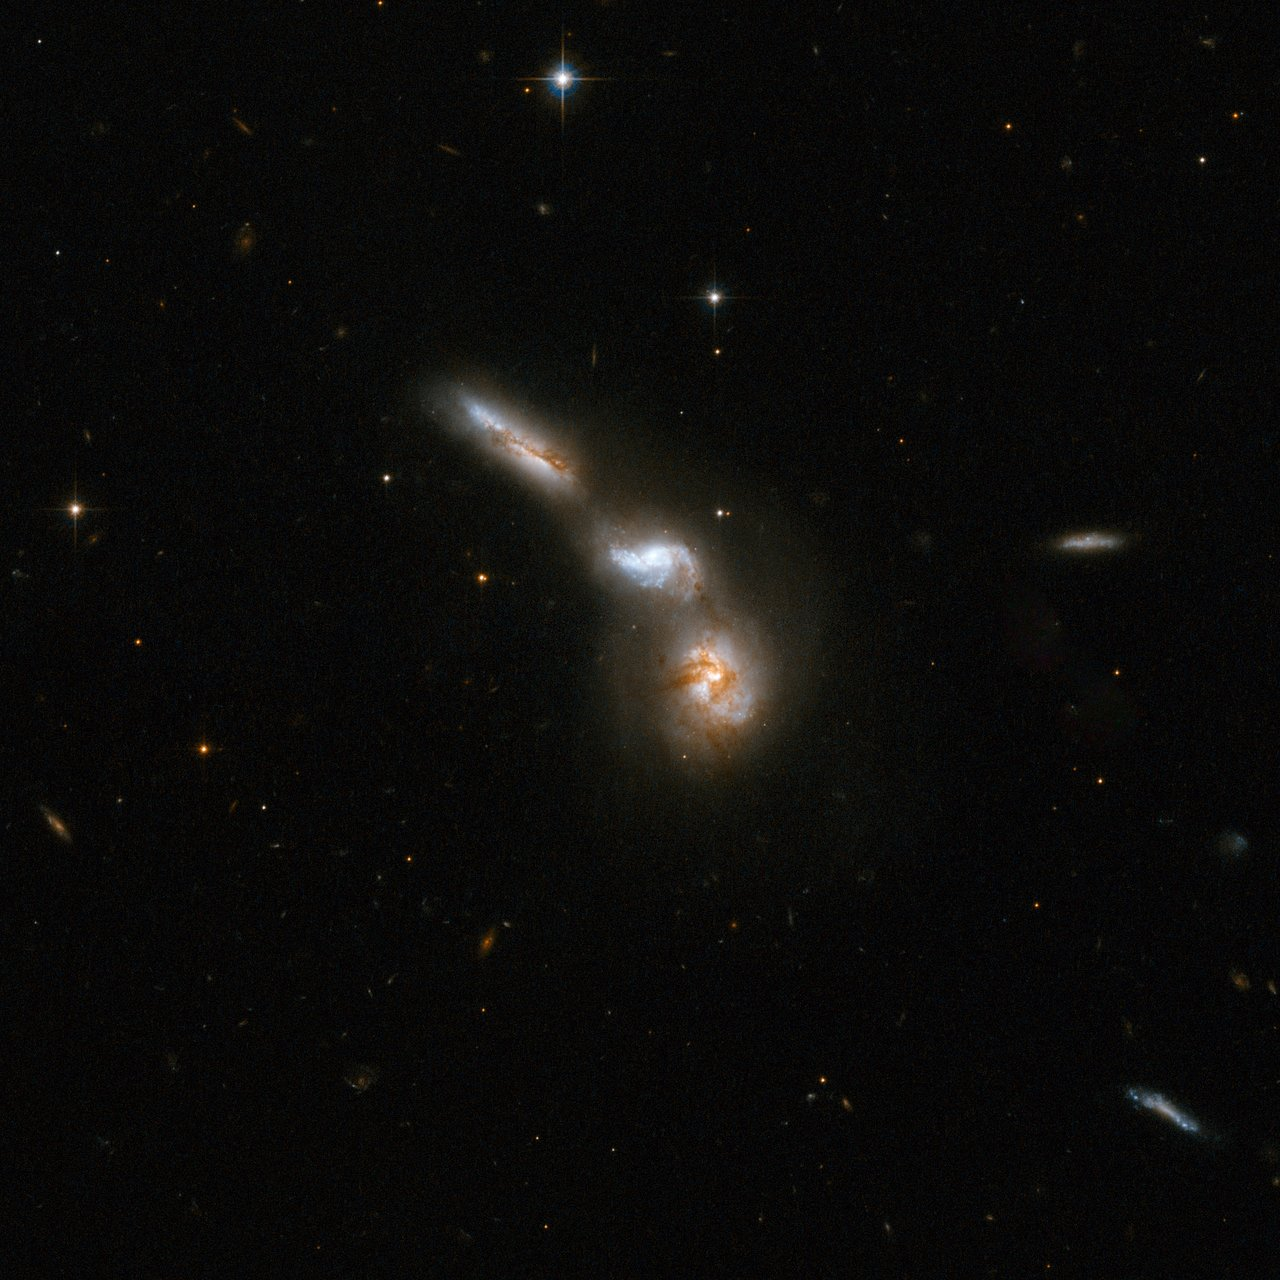 ESO 255-7